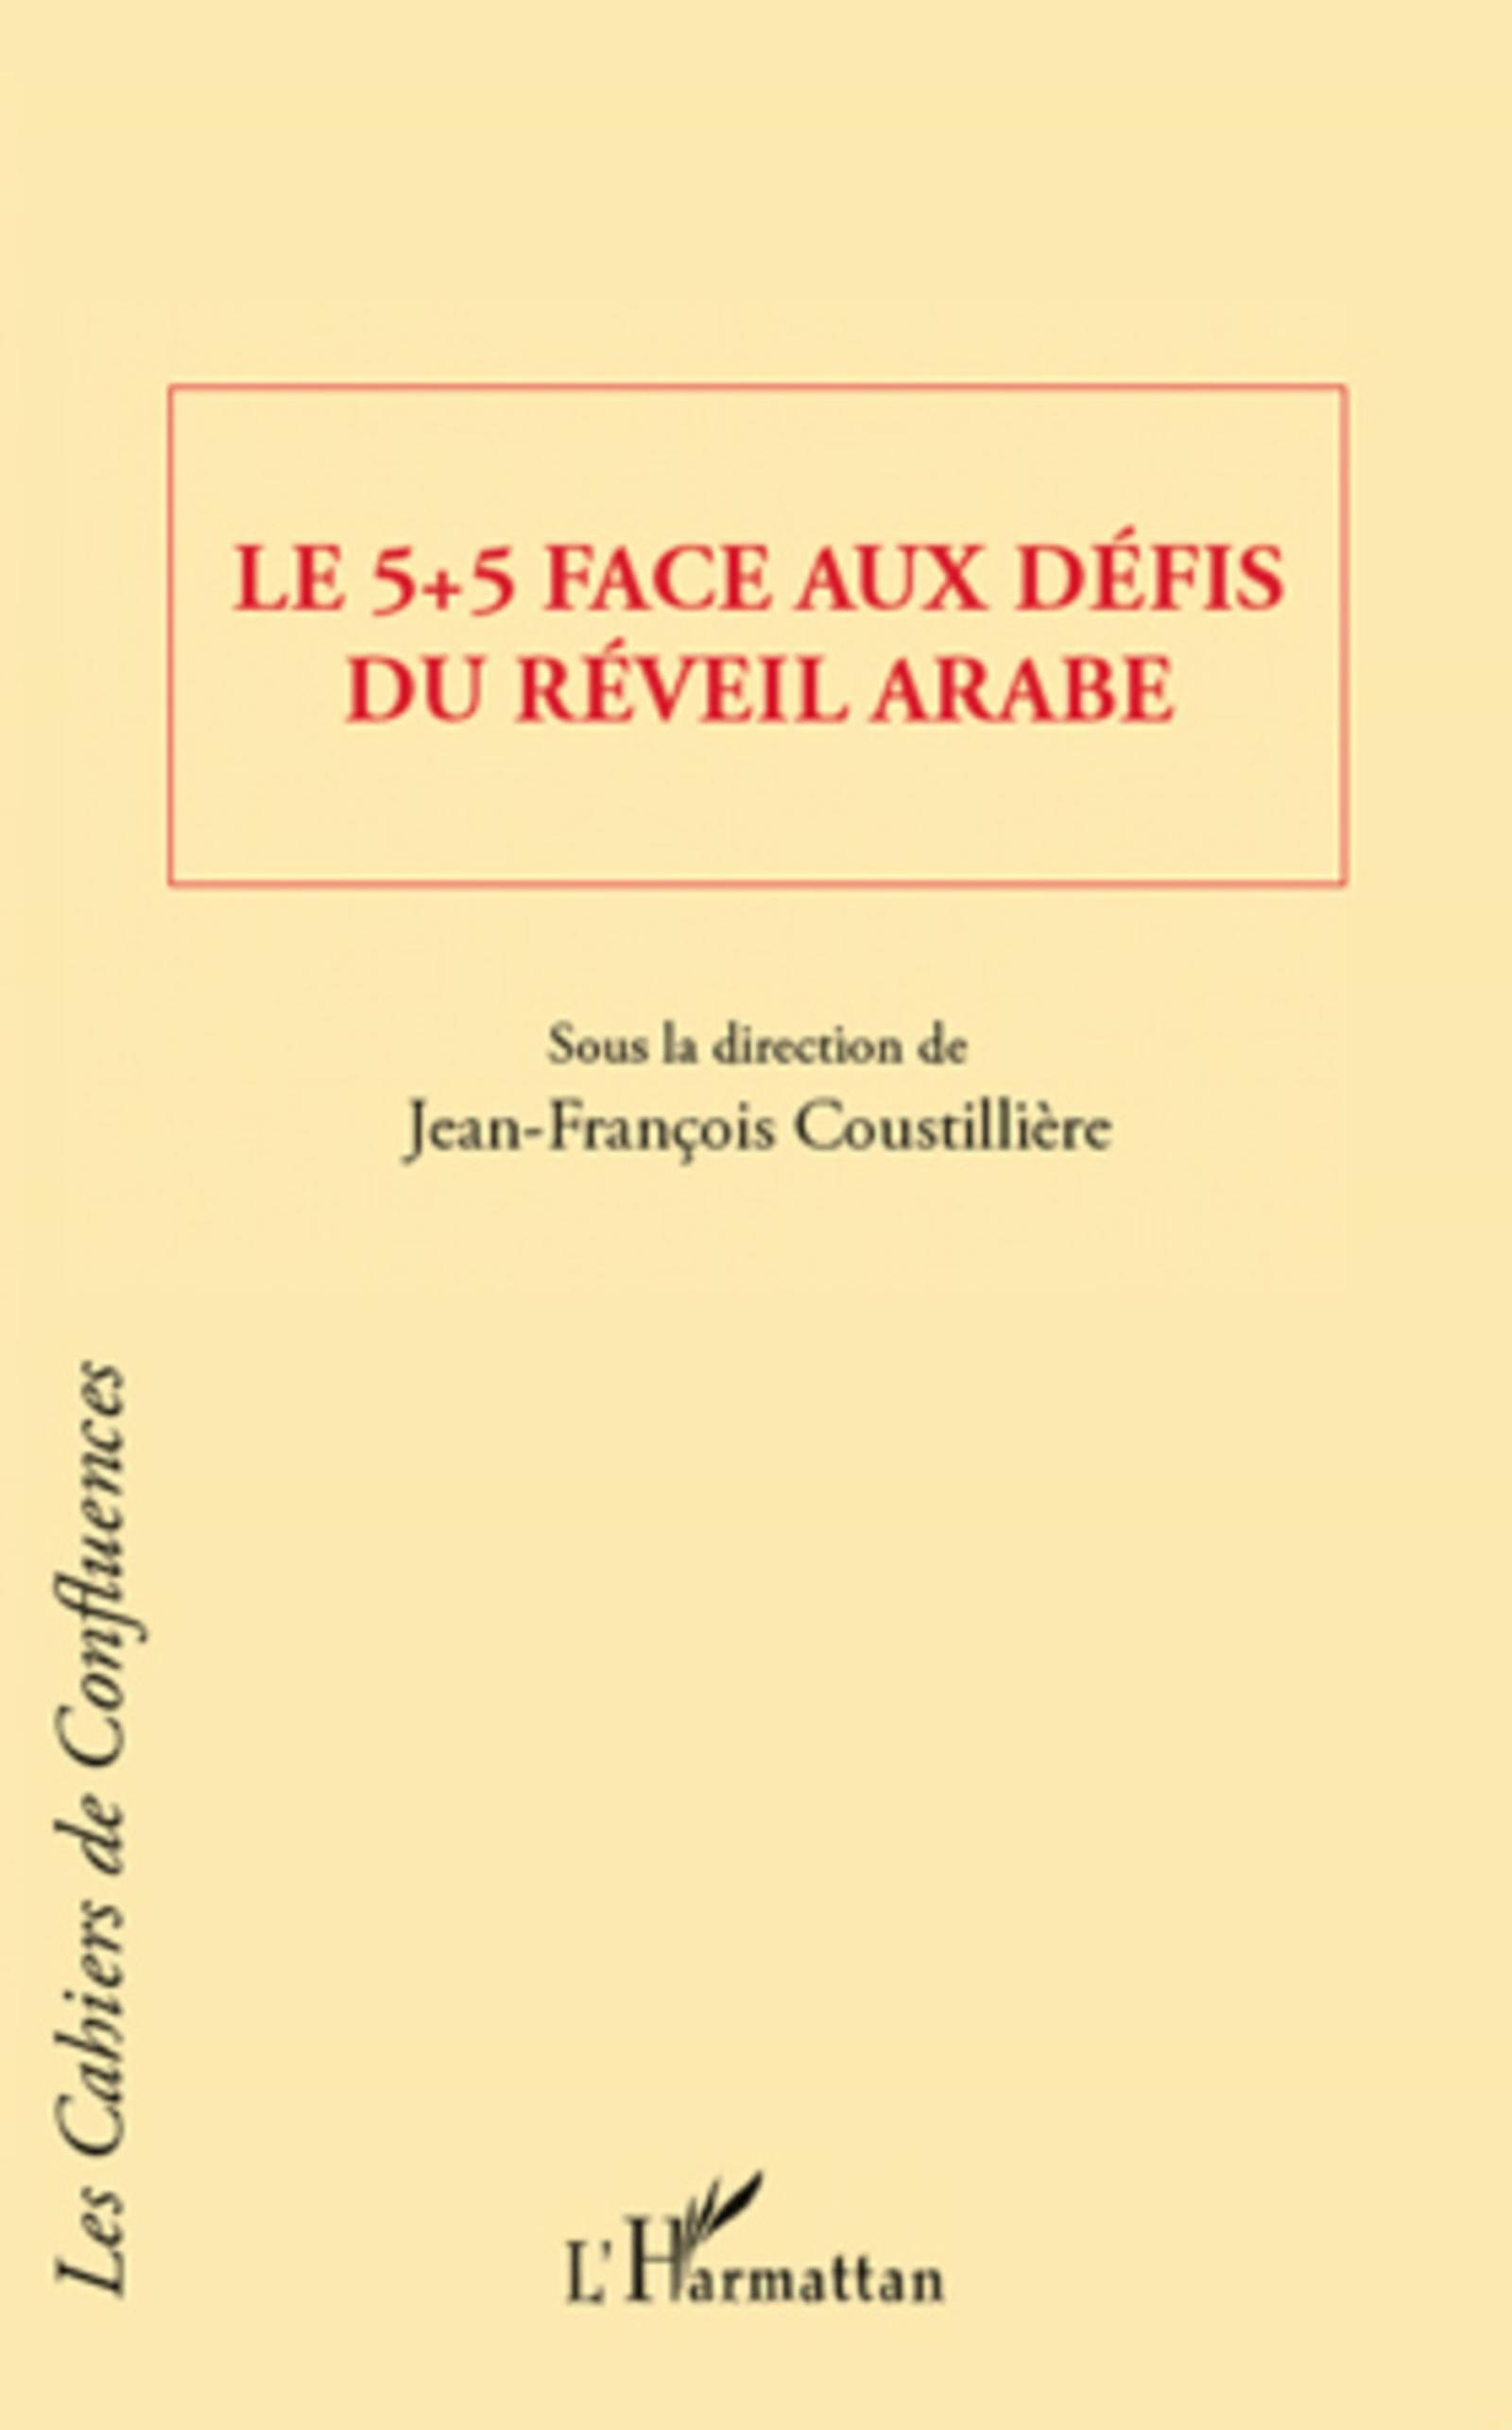 Le 5 + 5 face aux défis du réveil arabe